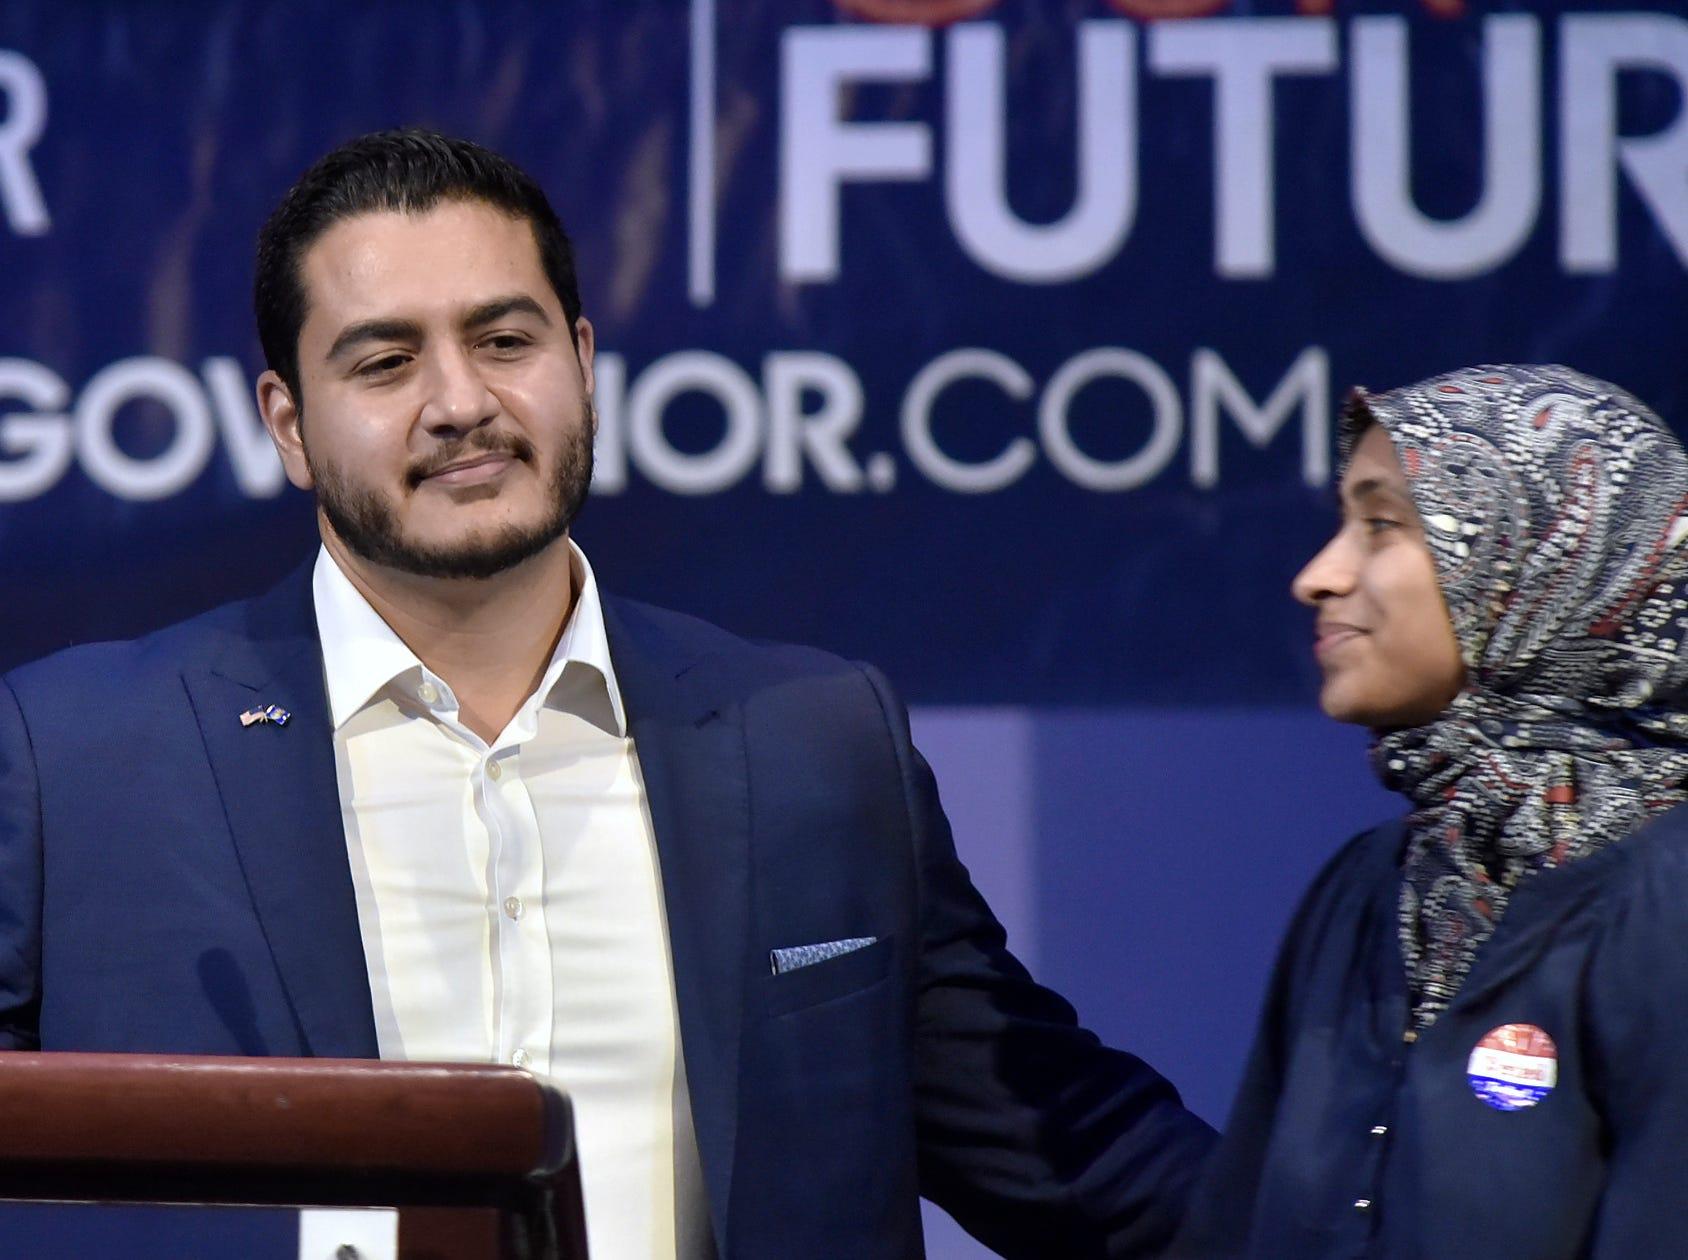 Dr. Abdul El-Sayed, left, begins to speak after kissing his wife, Dr. Sarah Jukaku.